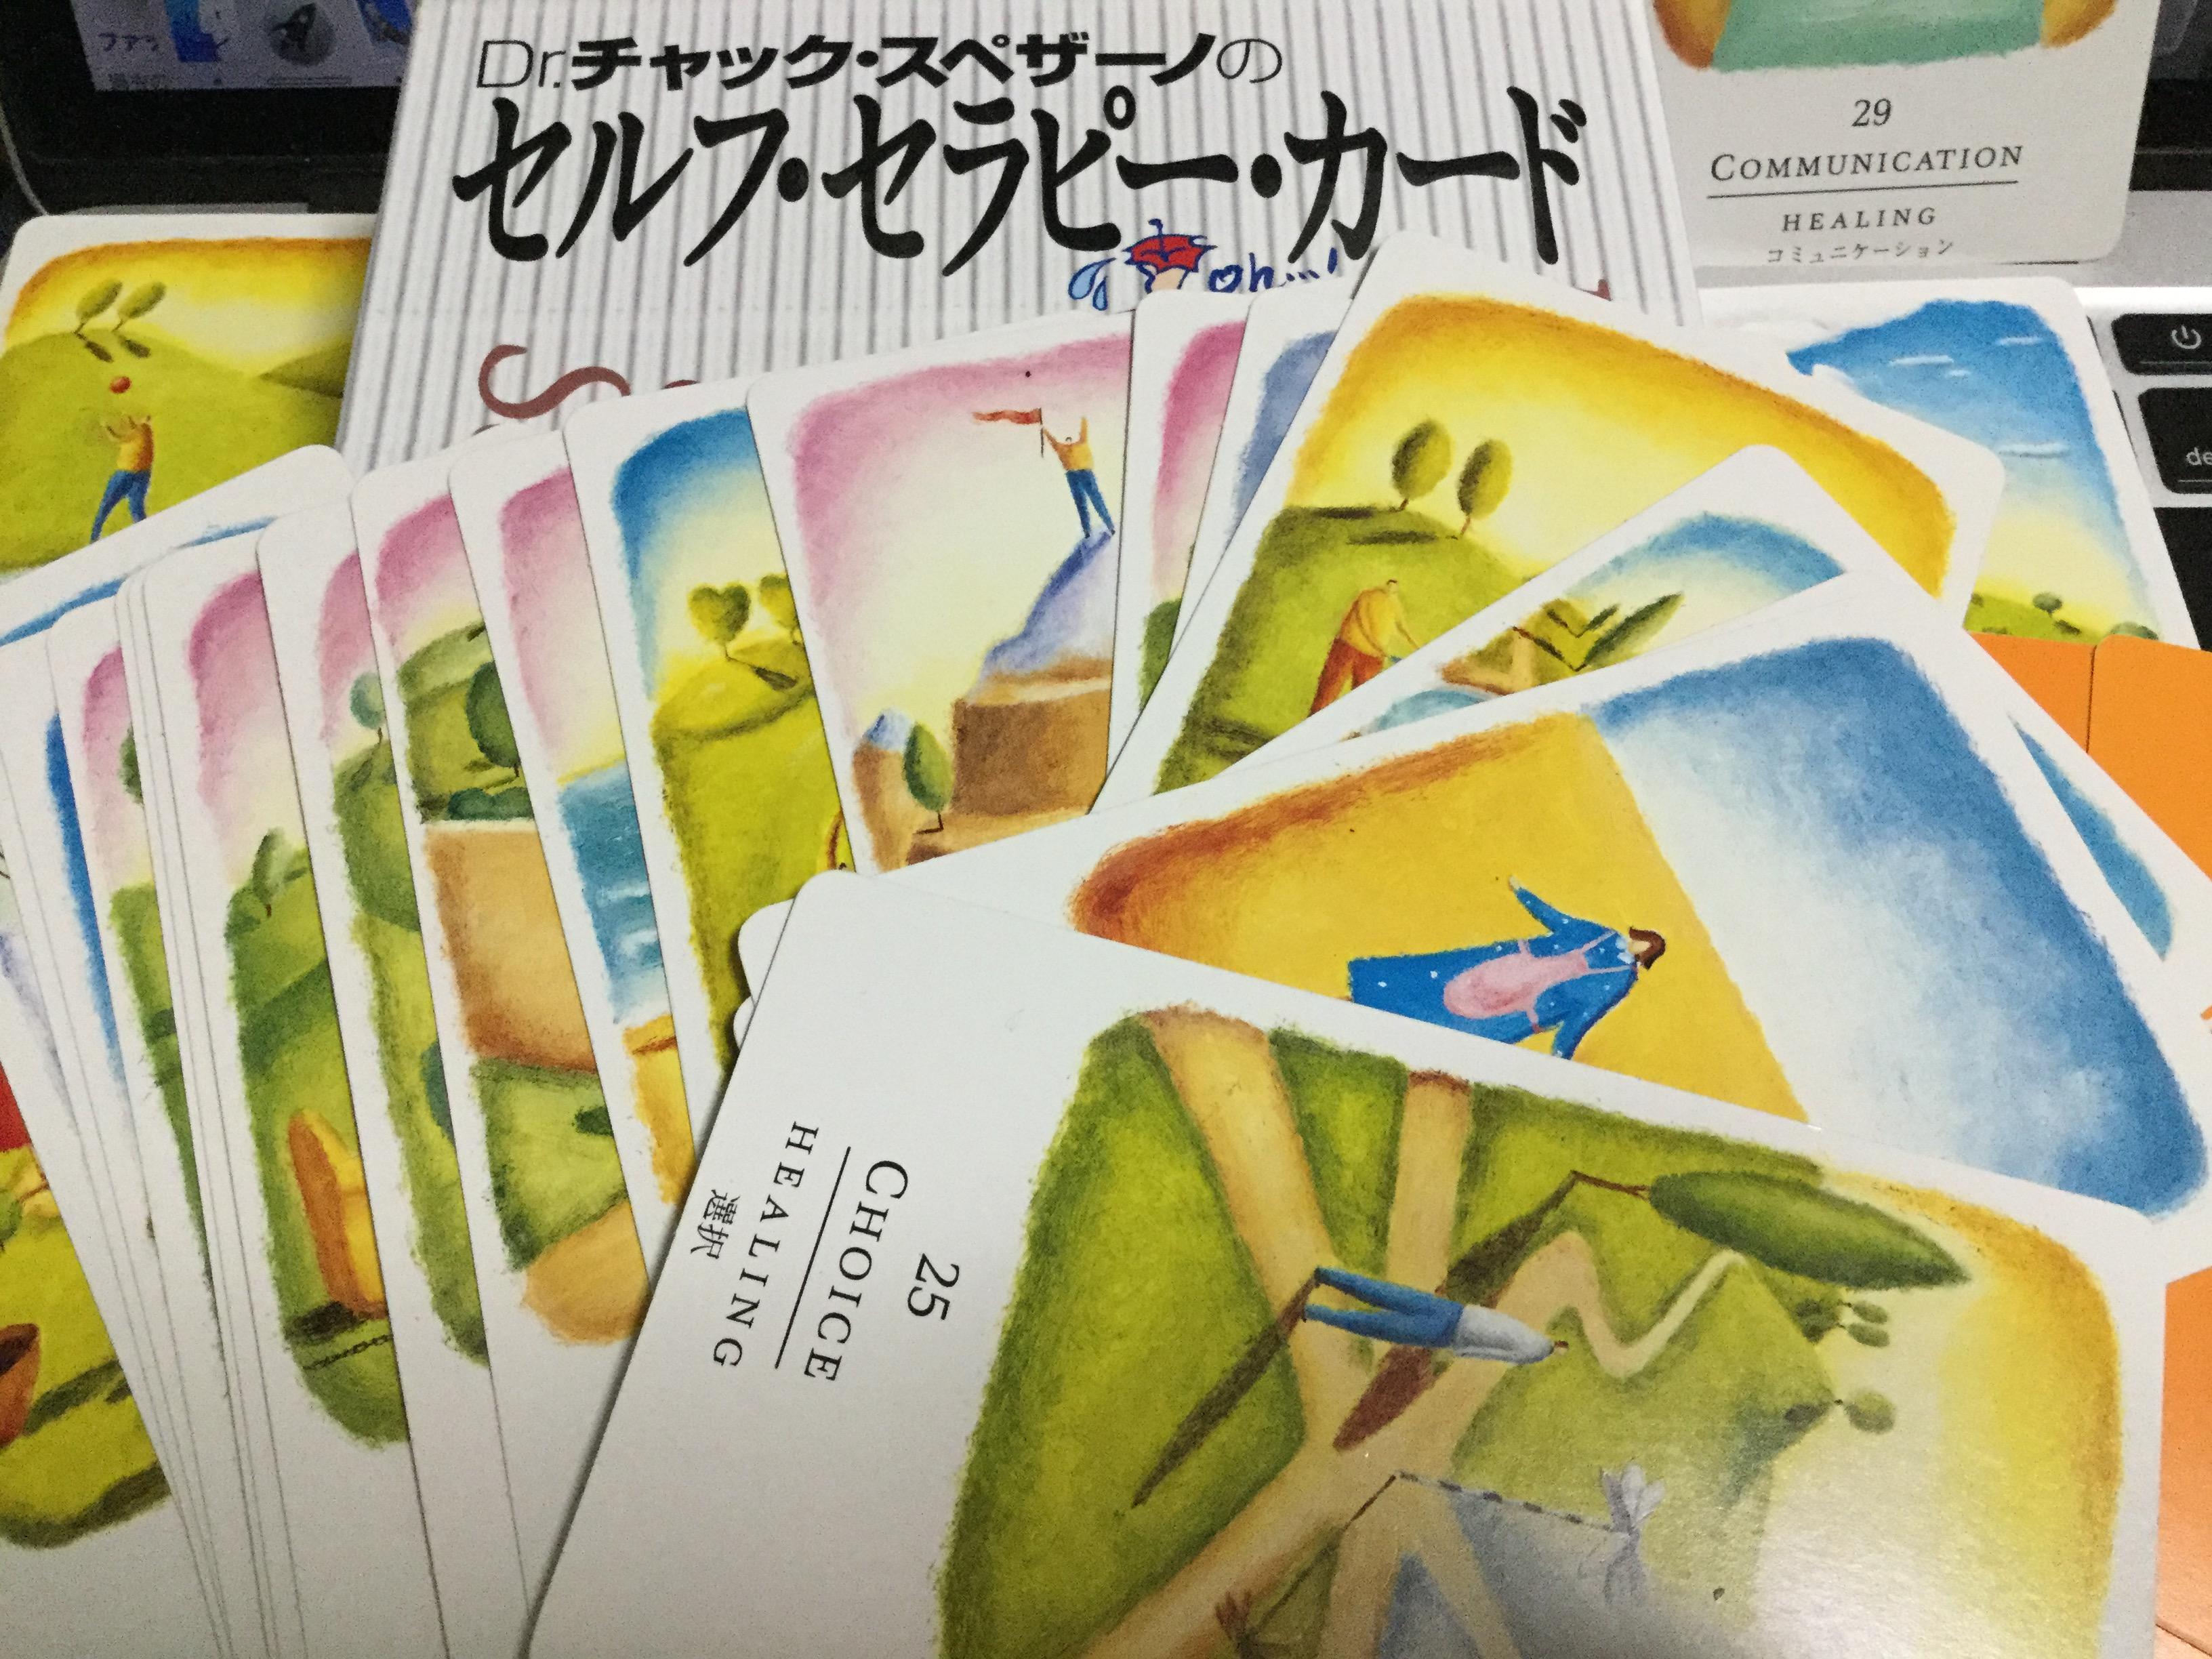 プロコーチ森田がオススメ、悩みを解決する、11月のセルフ・セラピー・カードリーディング